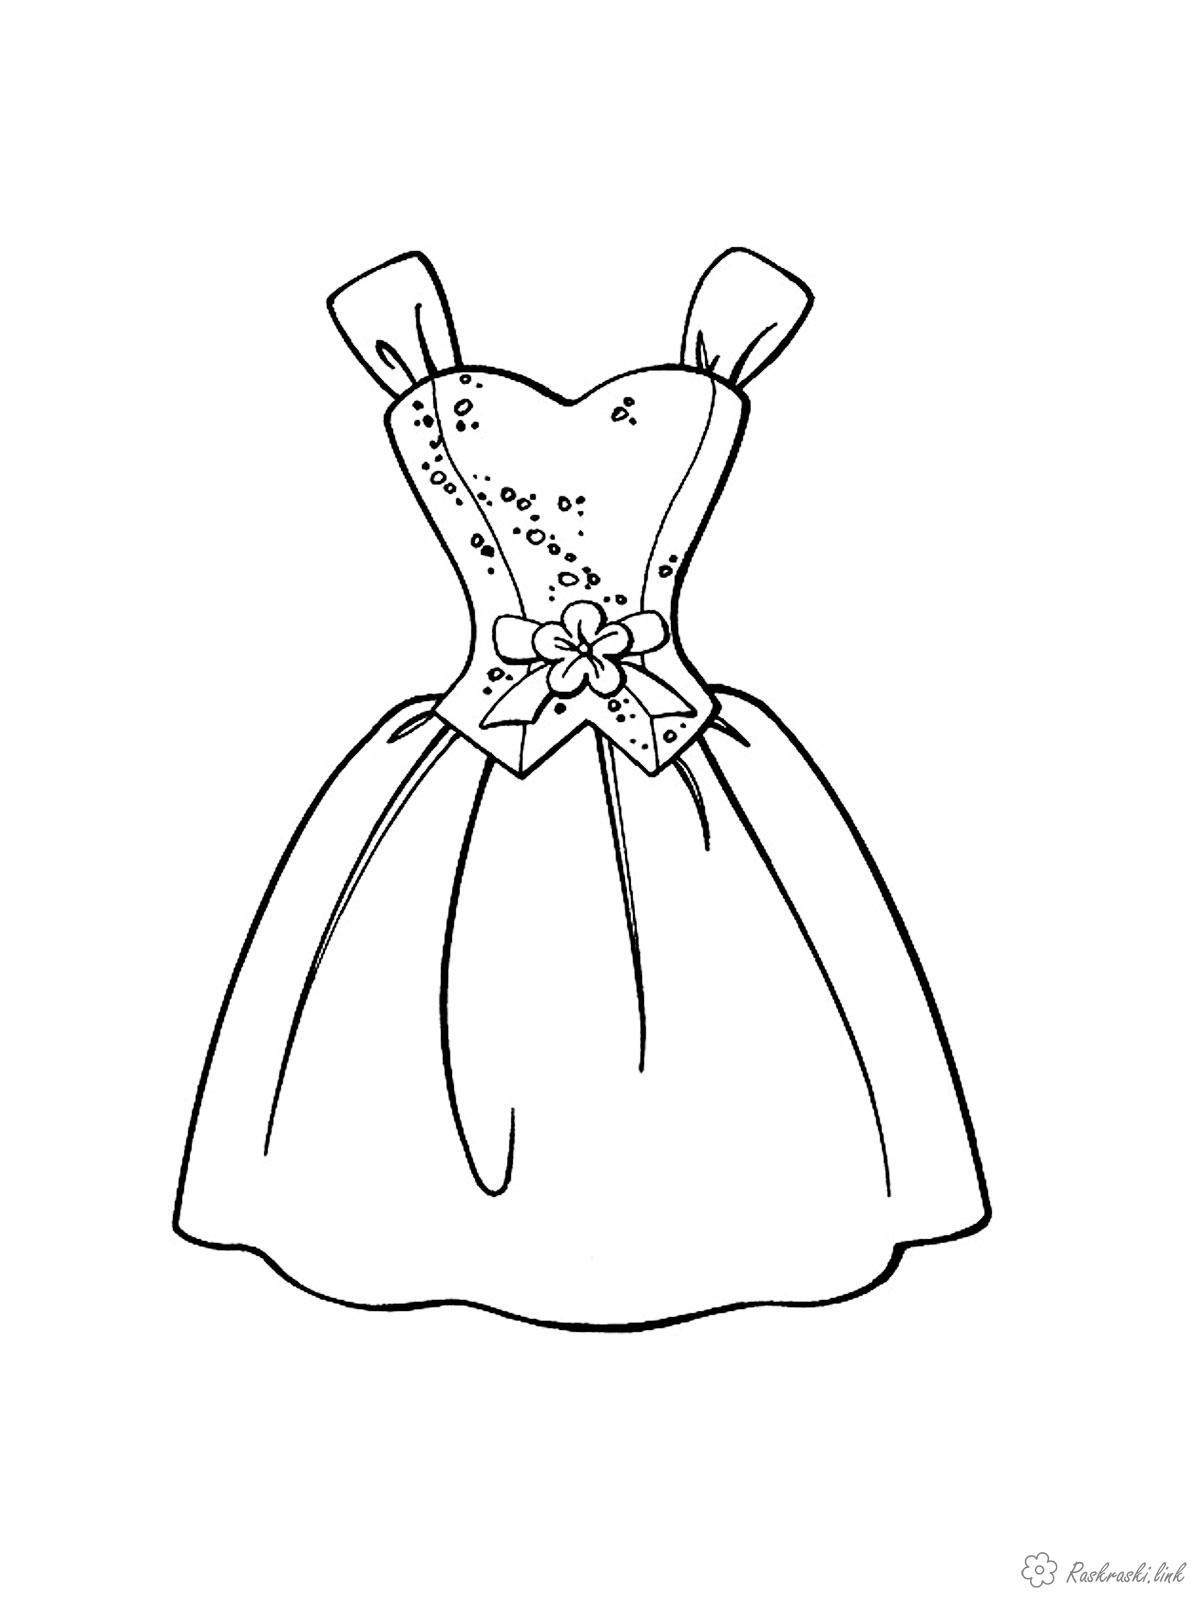 Coloring Colorize clothing Детская раскраска,  раскрась  прекрасное платье